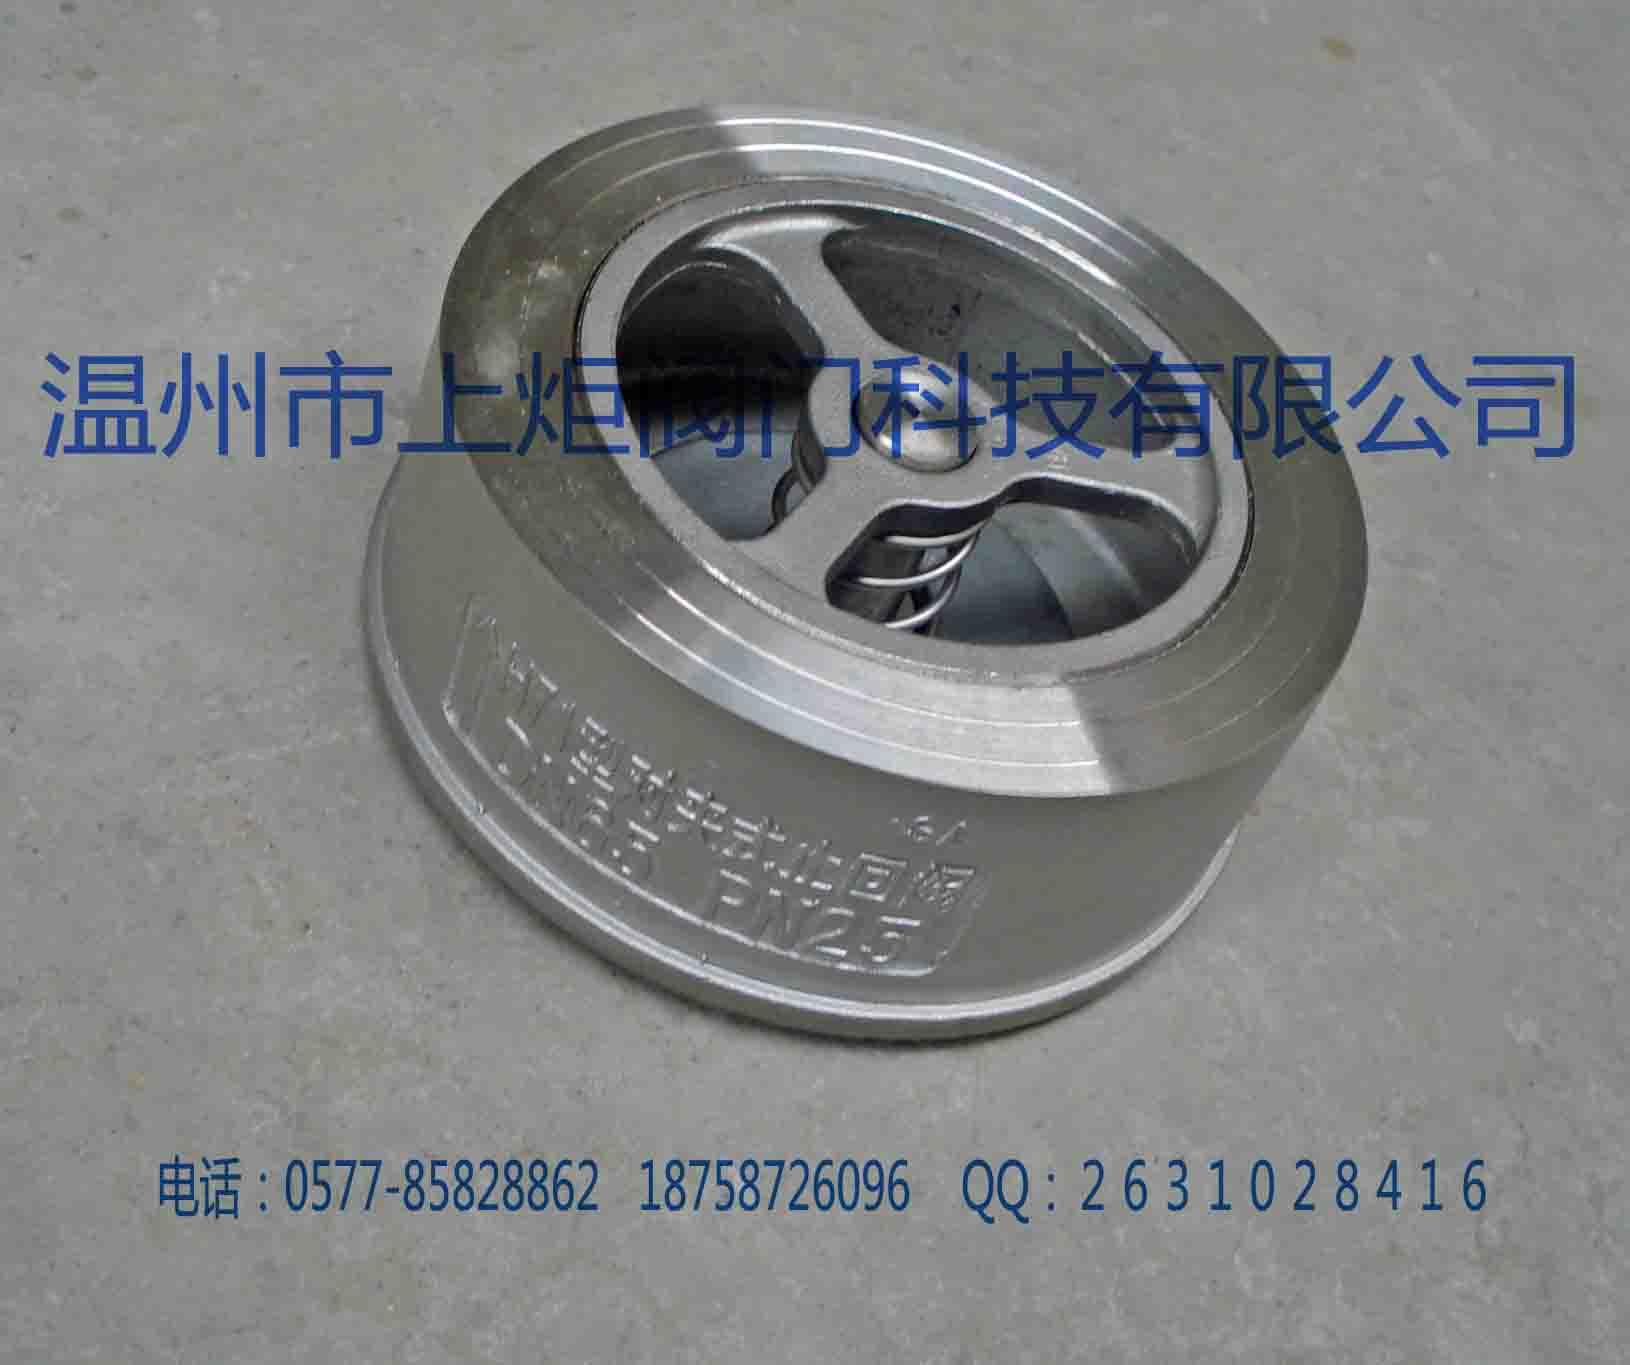 精品推荐 温州厂家供应H71对夹式止回阀 质量保证